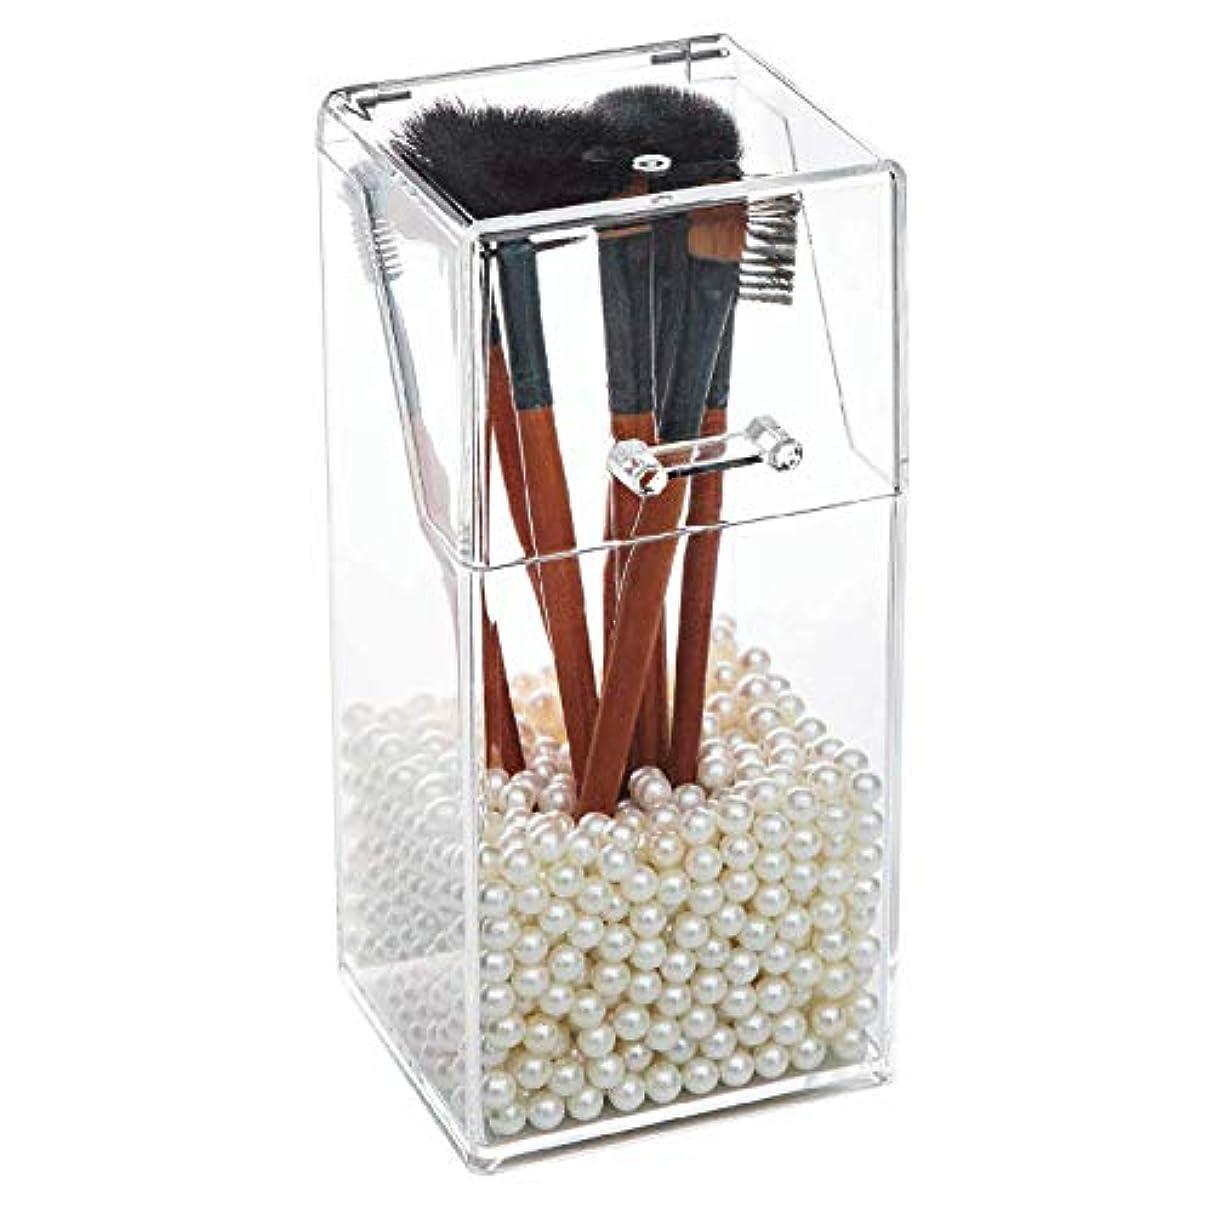 ギャラリー過言海洋ColorfylCoco(カラフィルココ) メイクブラシ収納ボックス (クッションストーン付き)メイクブラシケース スタンド 筒型 メイクボックス アクリルケース 透明 化粧品収納ボックス 卓上収納ケース ブラシホルダー